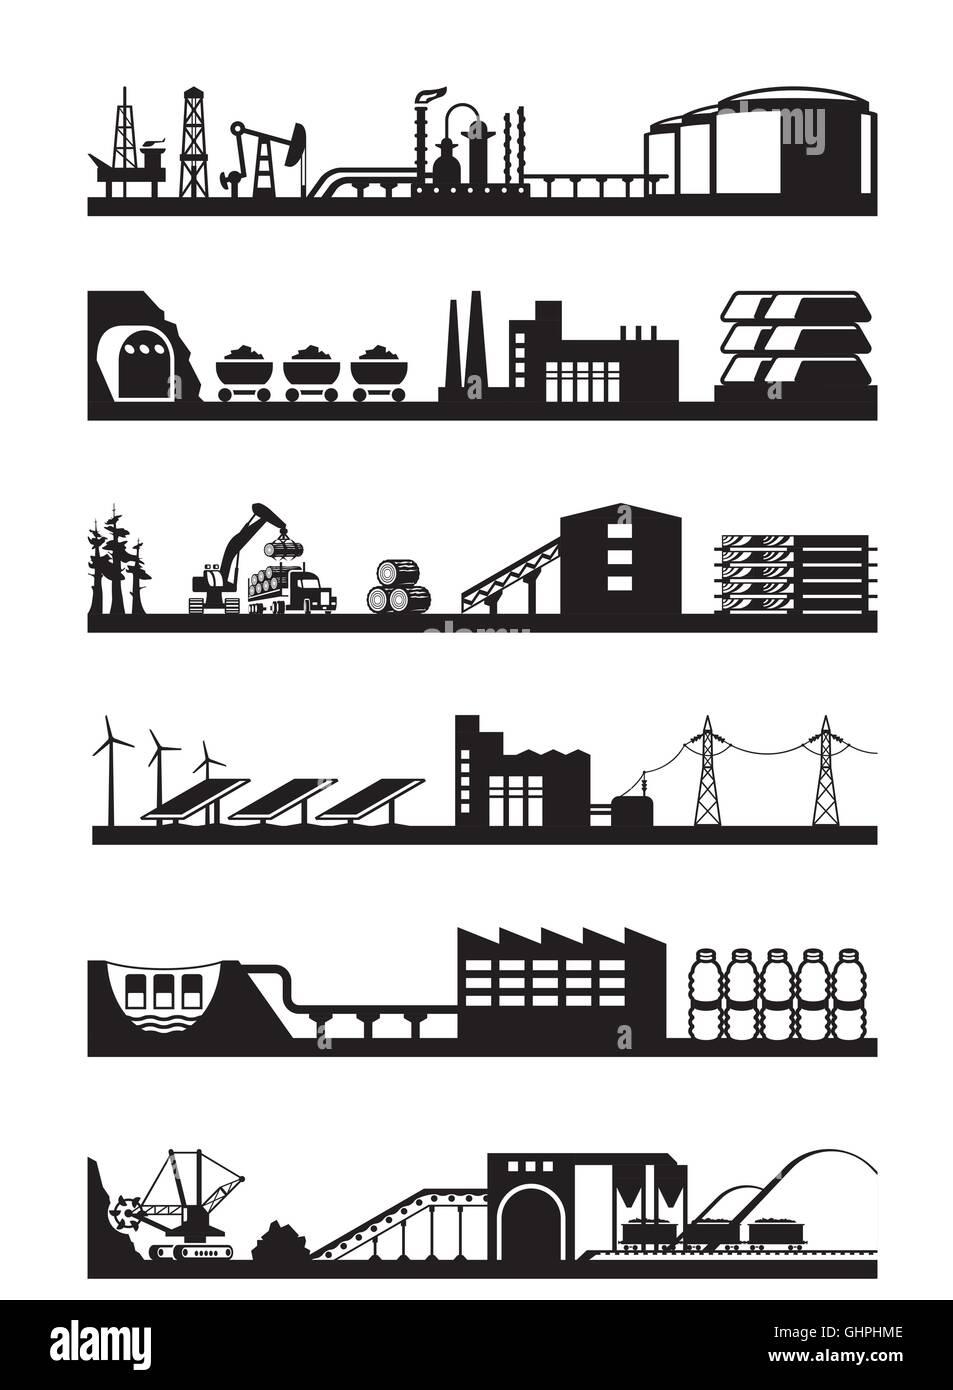 Extracción y procesamiento de recursos naturales - ilustración vectorial Imagen De Stock